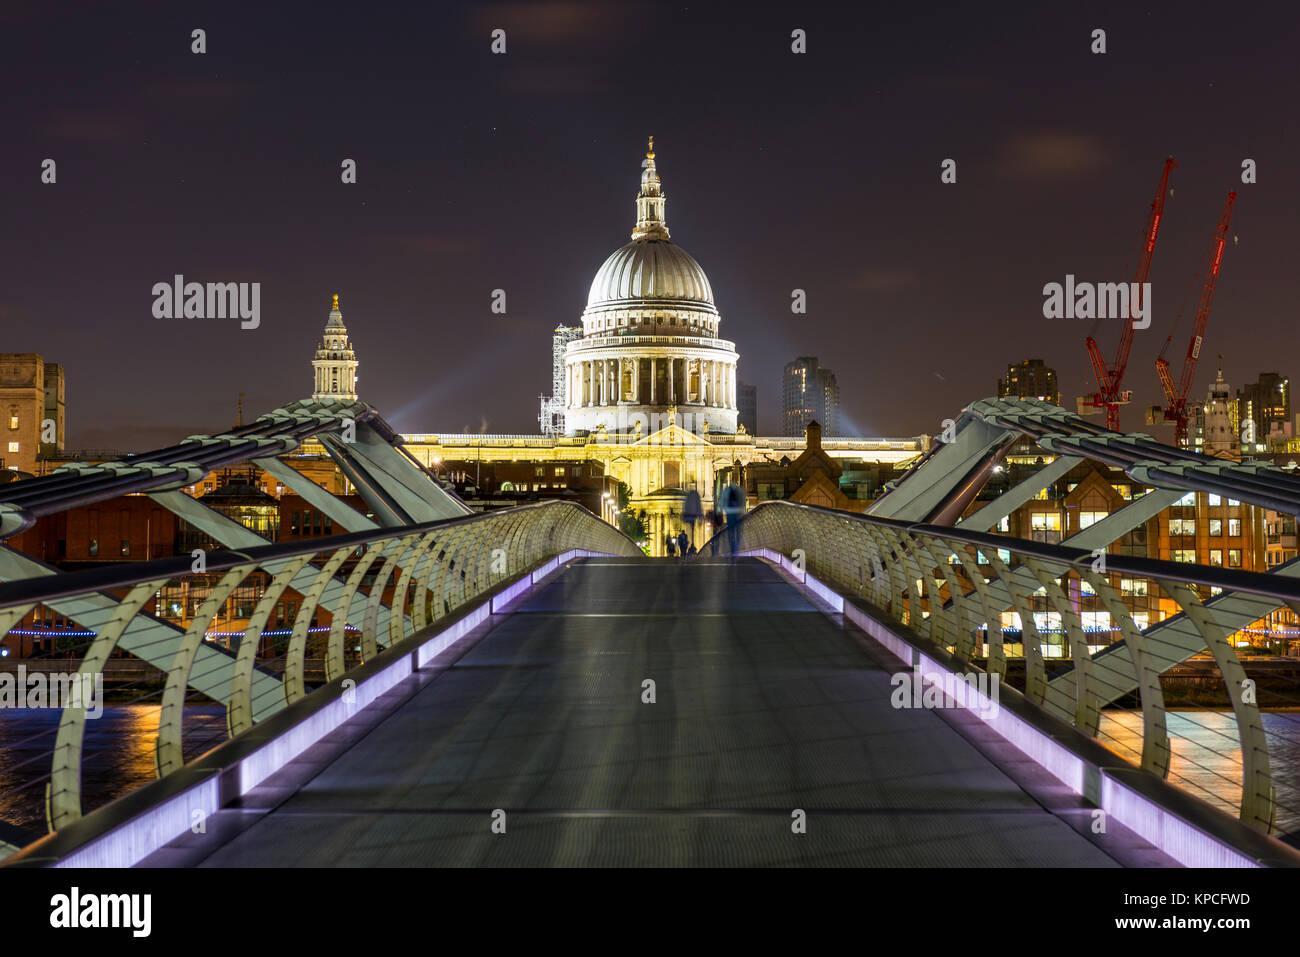 Millenium Bridge et la Cathédrale St Paul par nuit, Londres, Angleterre, Grande-Bretagne Photo Stock